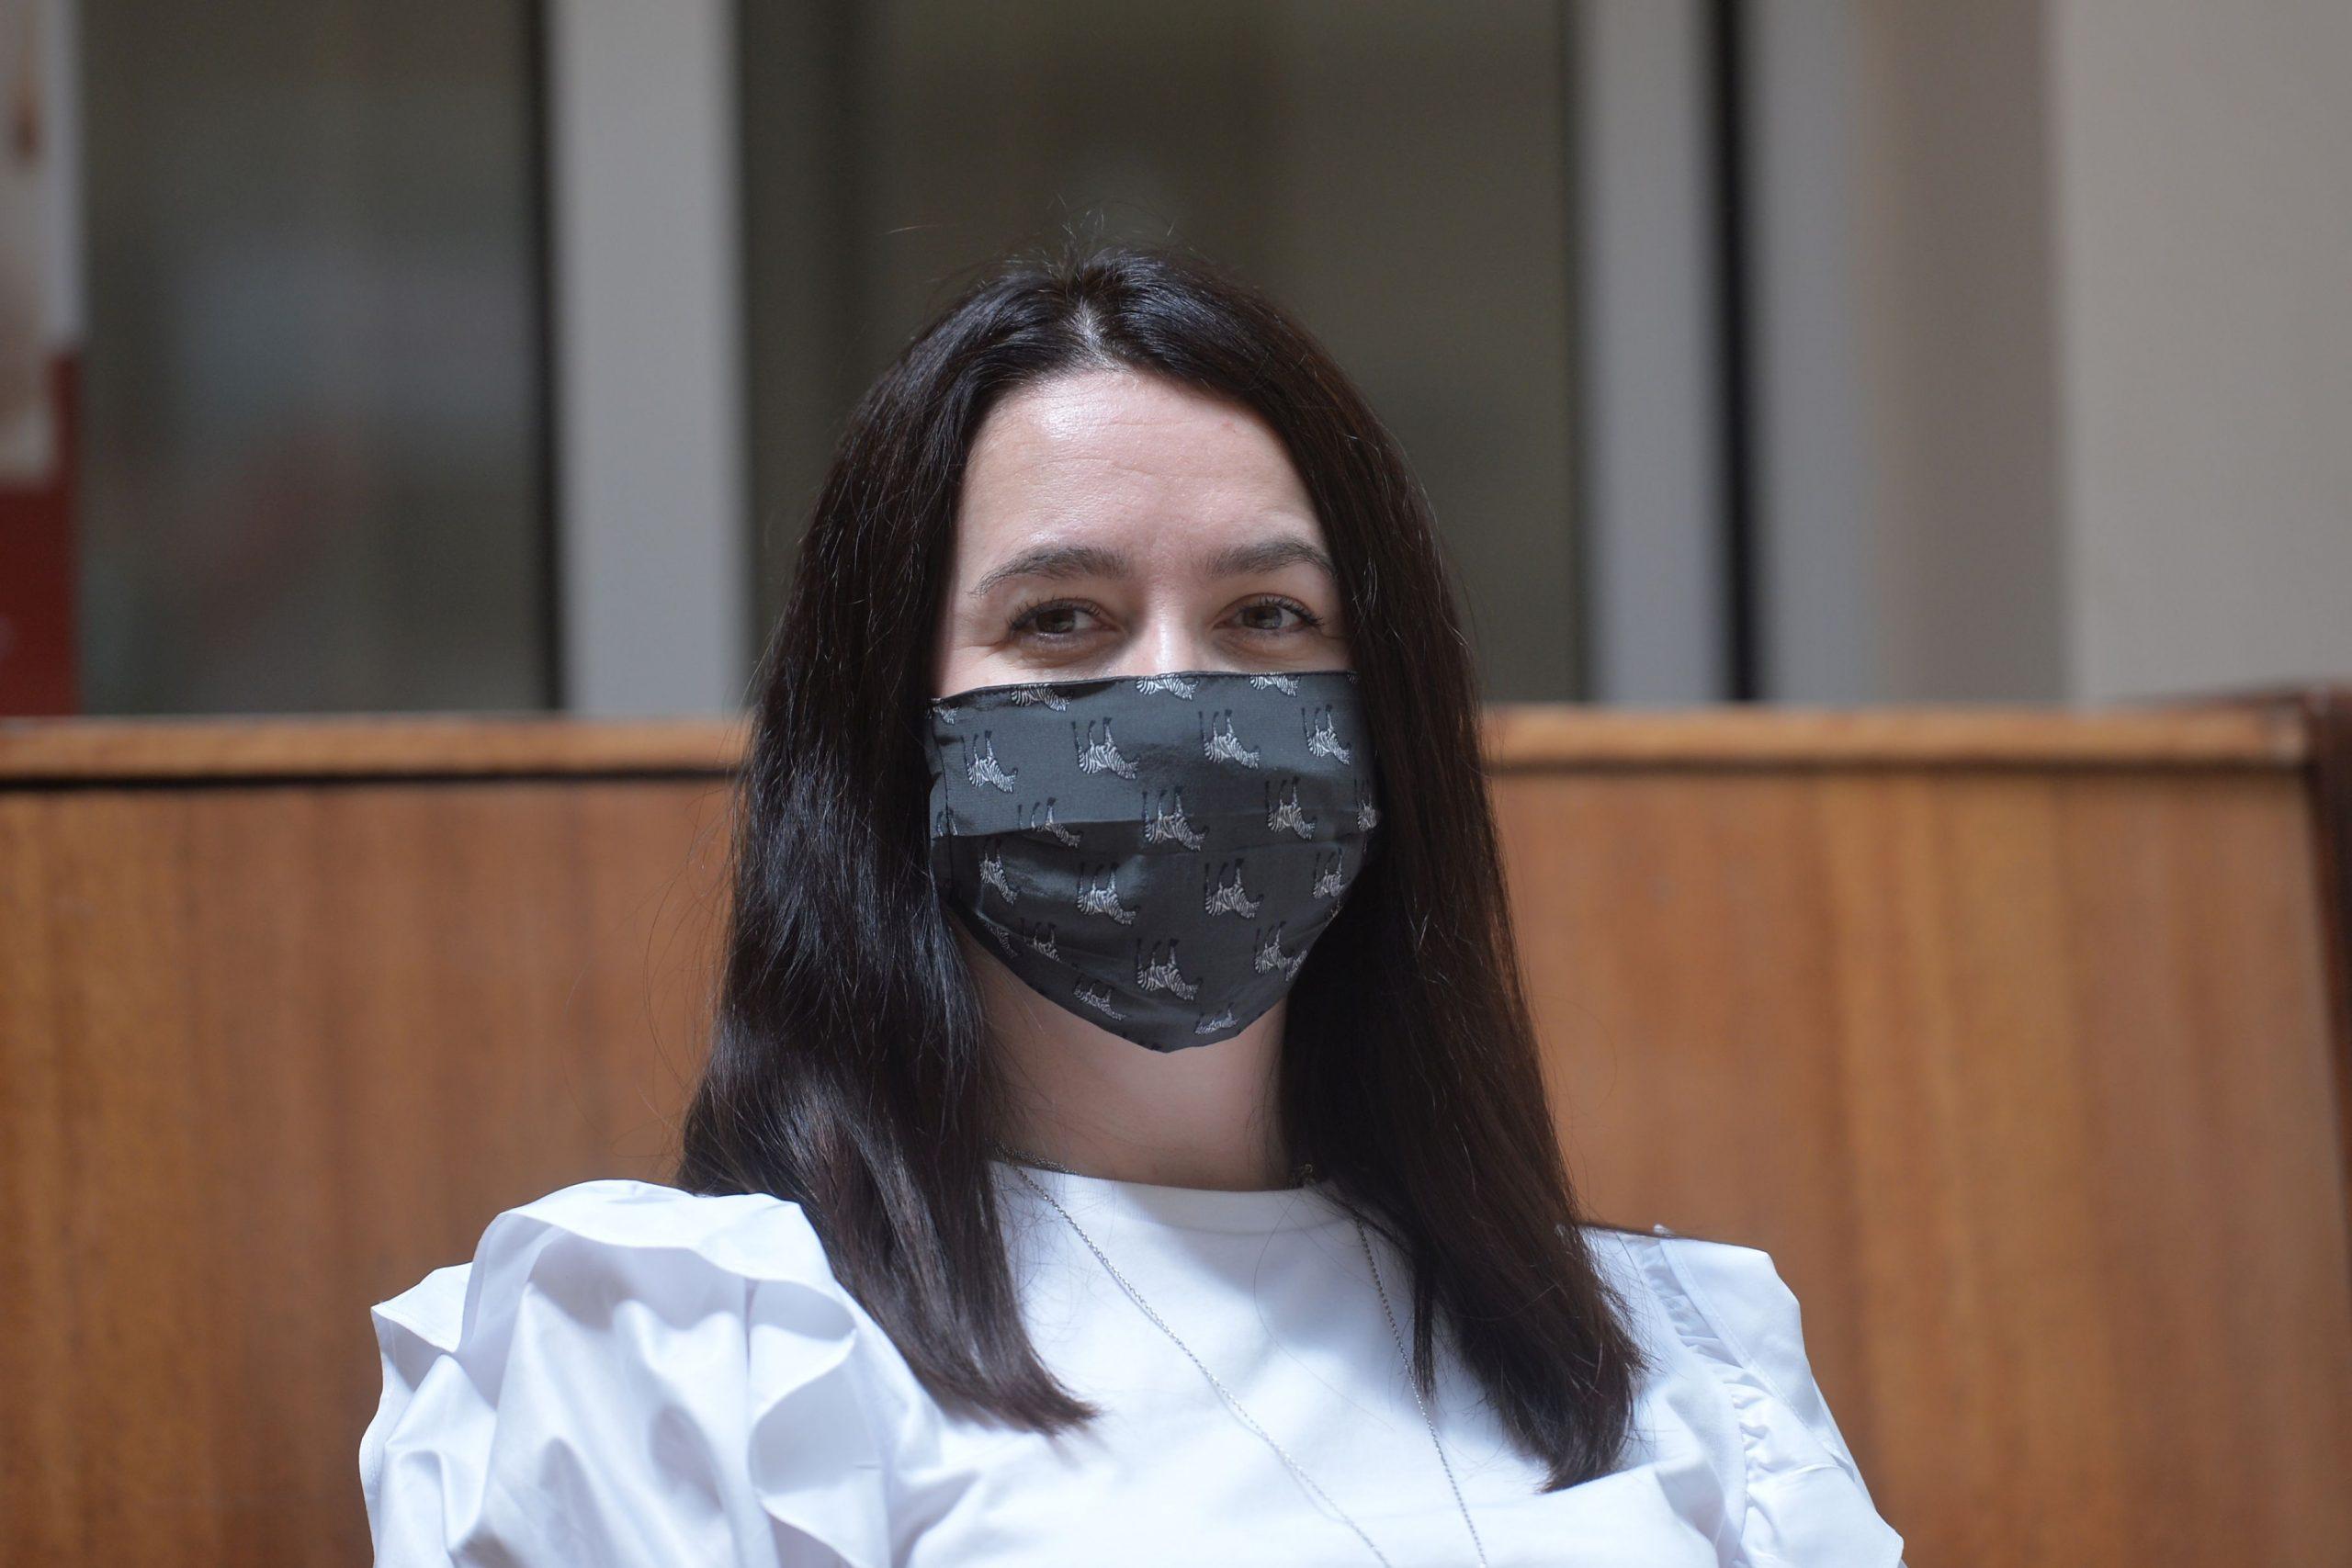 Amalia Năstase, la o conferinţă de presă, cu mască de protecţie împotriva Covid-19